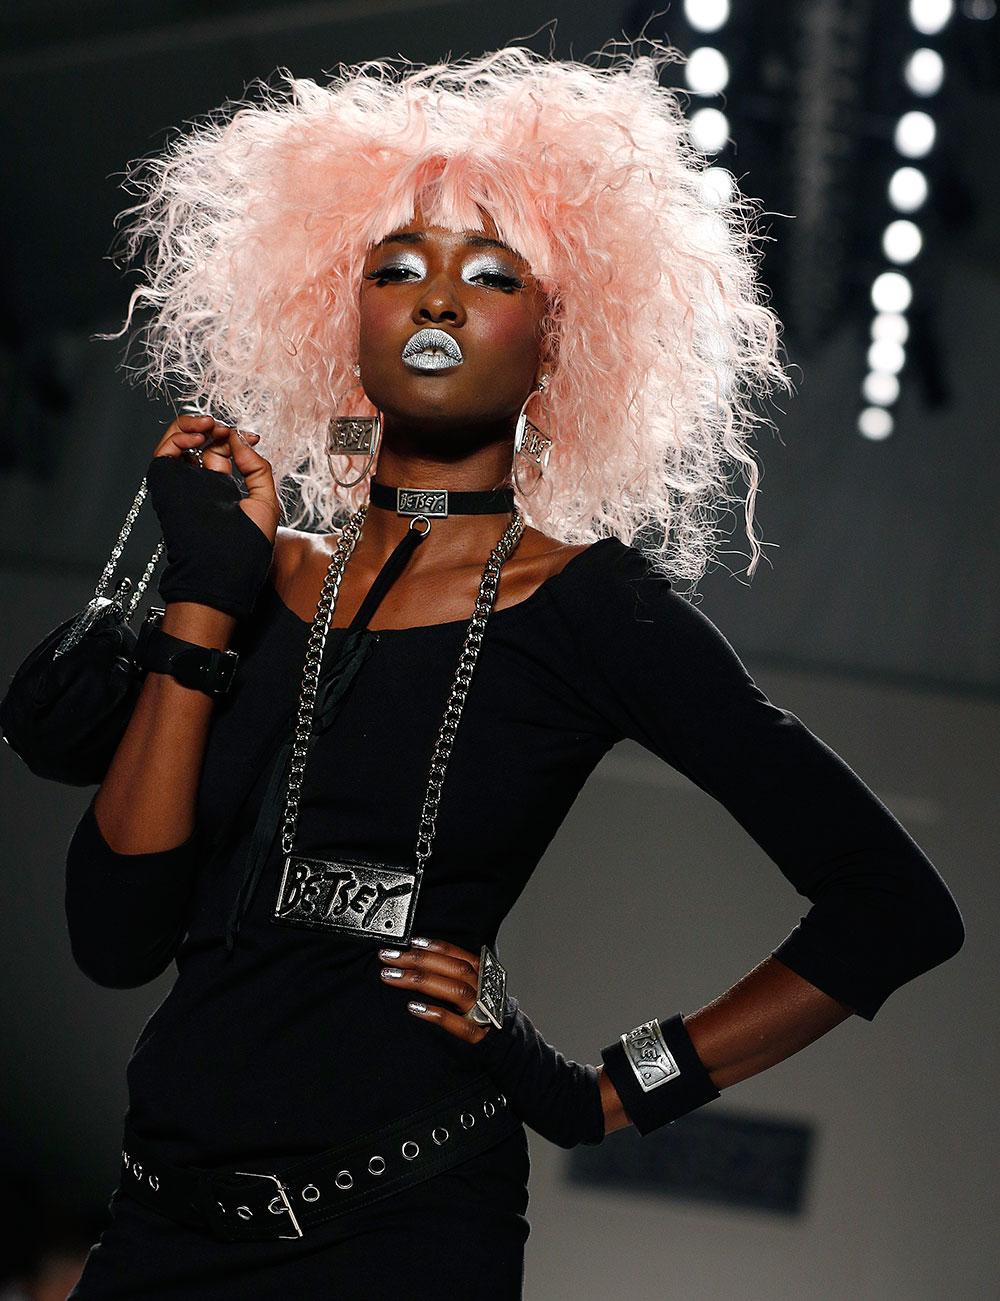 न्यूयार्क में फैशन वीक के दौरान एक मॉडल बेटसे जॉनसन स्प्रिंग 2014 कलेक्श्ान को पेश करती हुई।